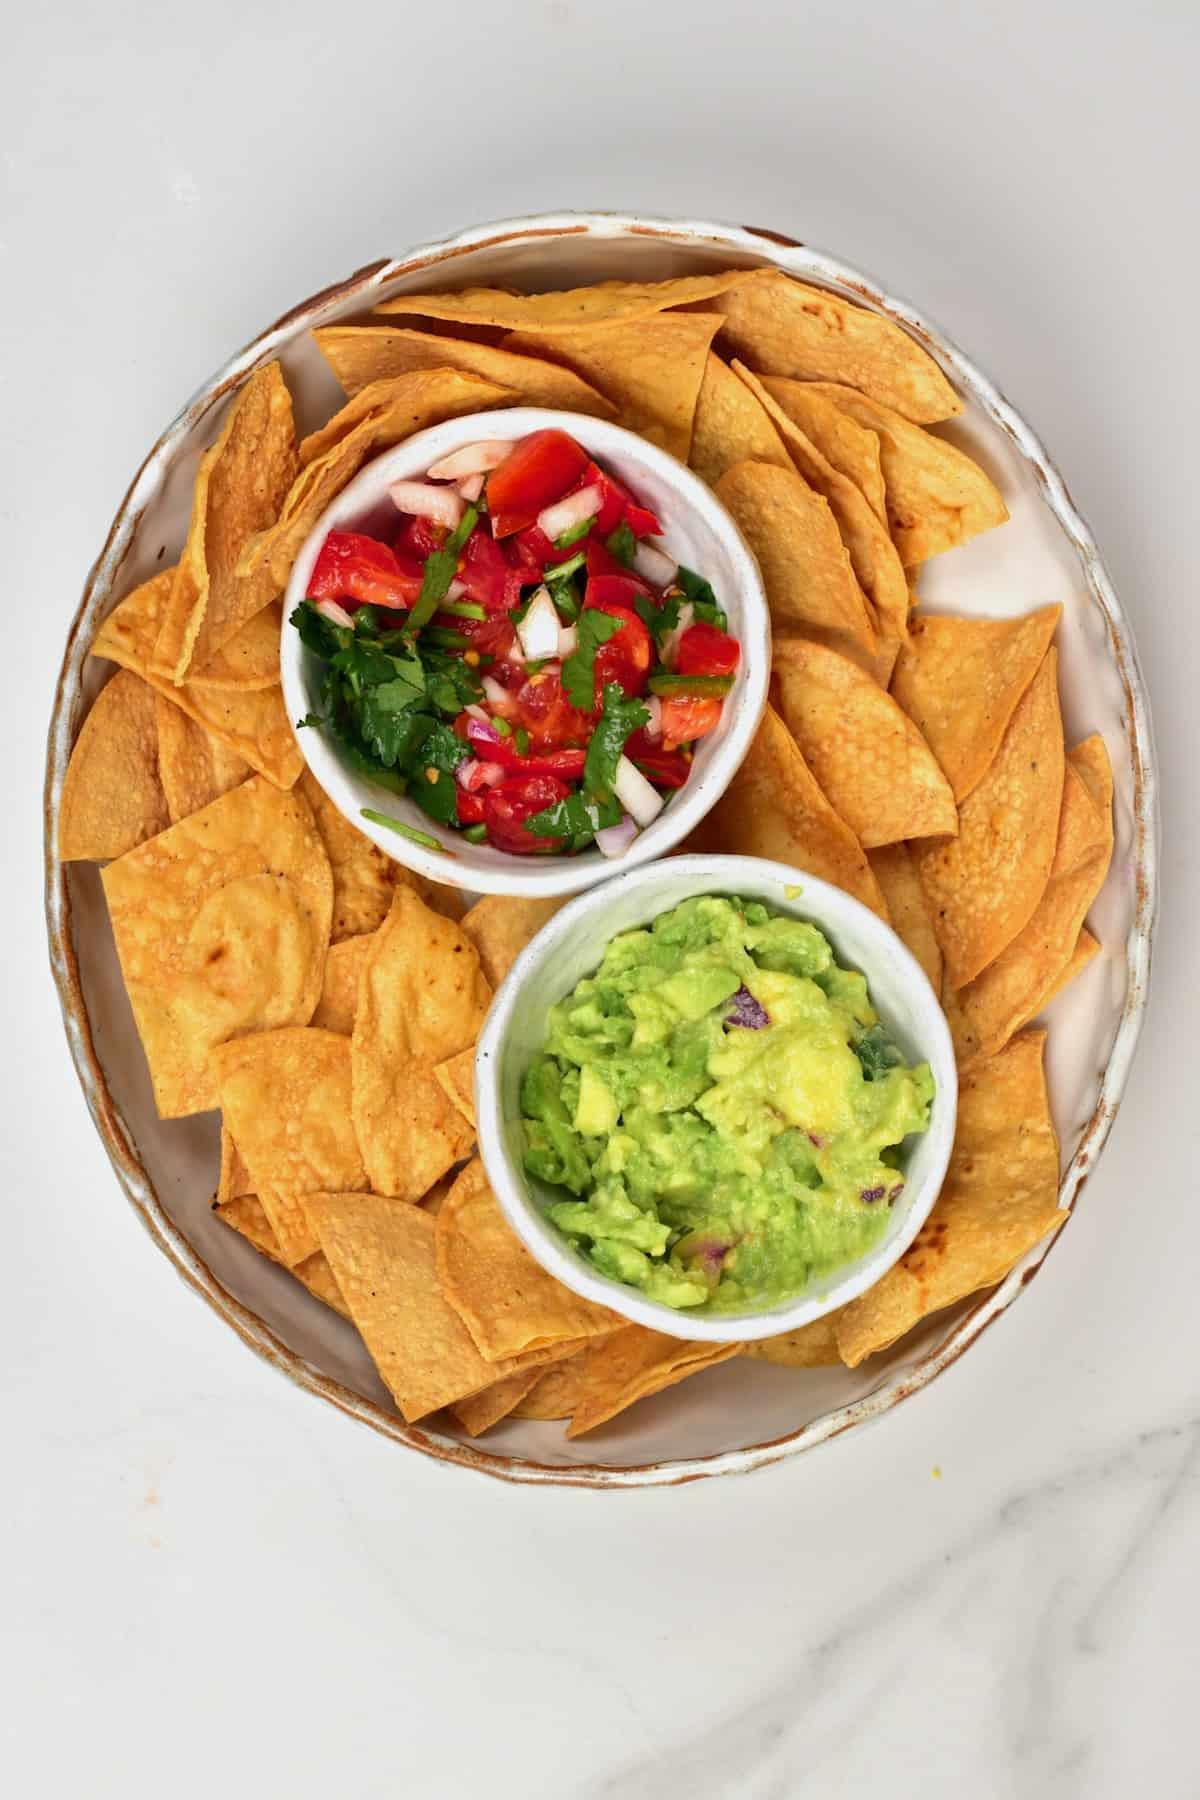 Corn tortilla chips in a bowl with guacamole and pico de gallo